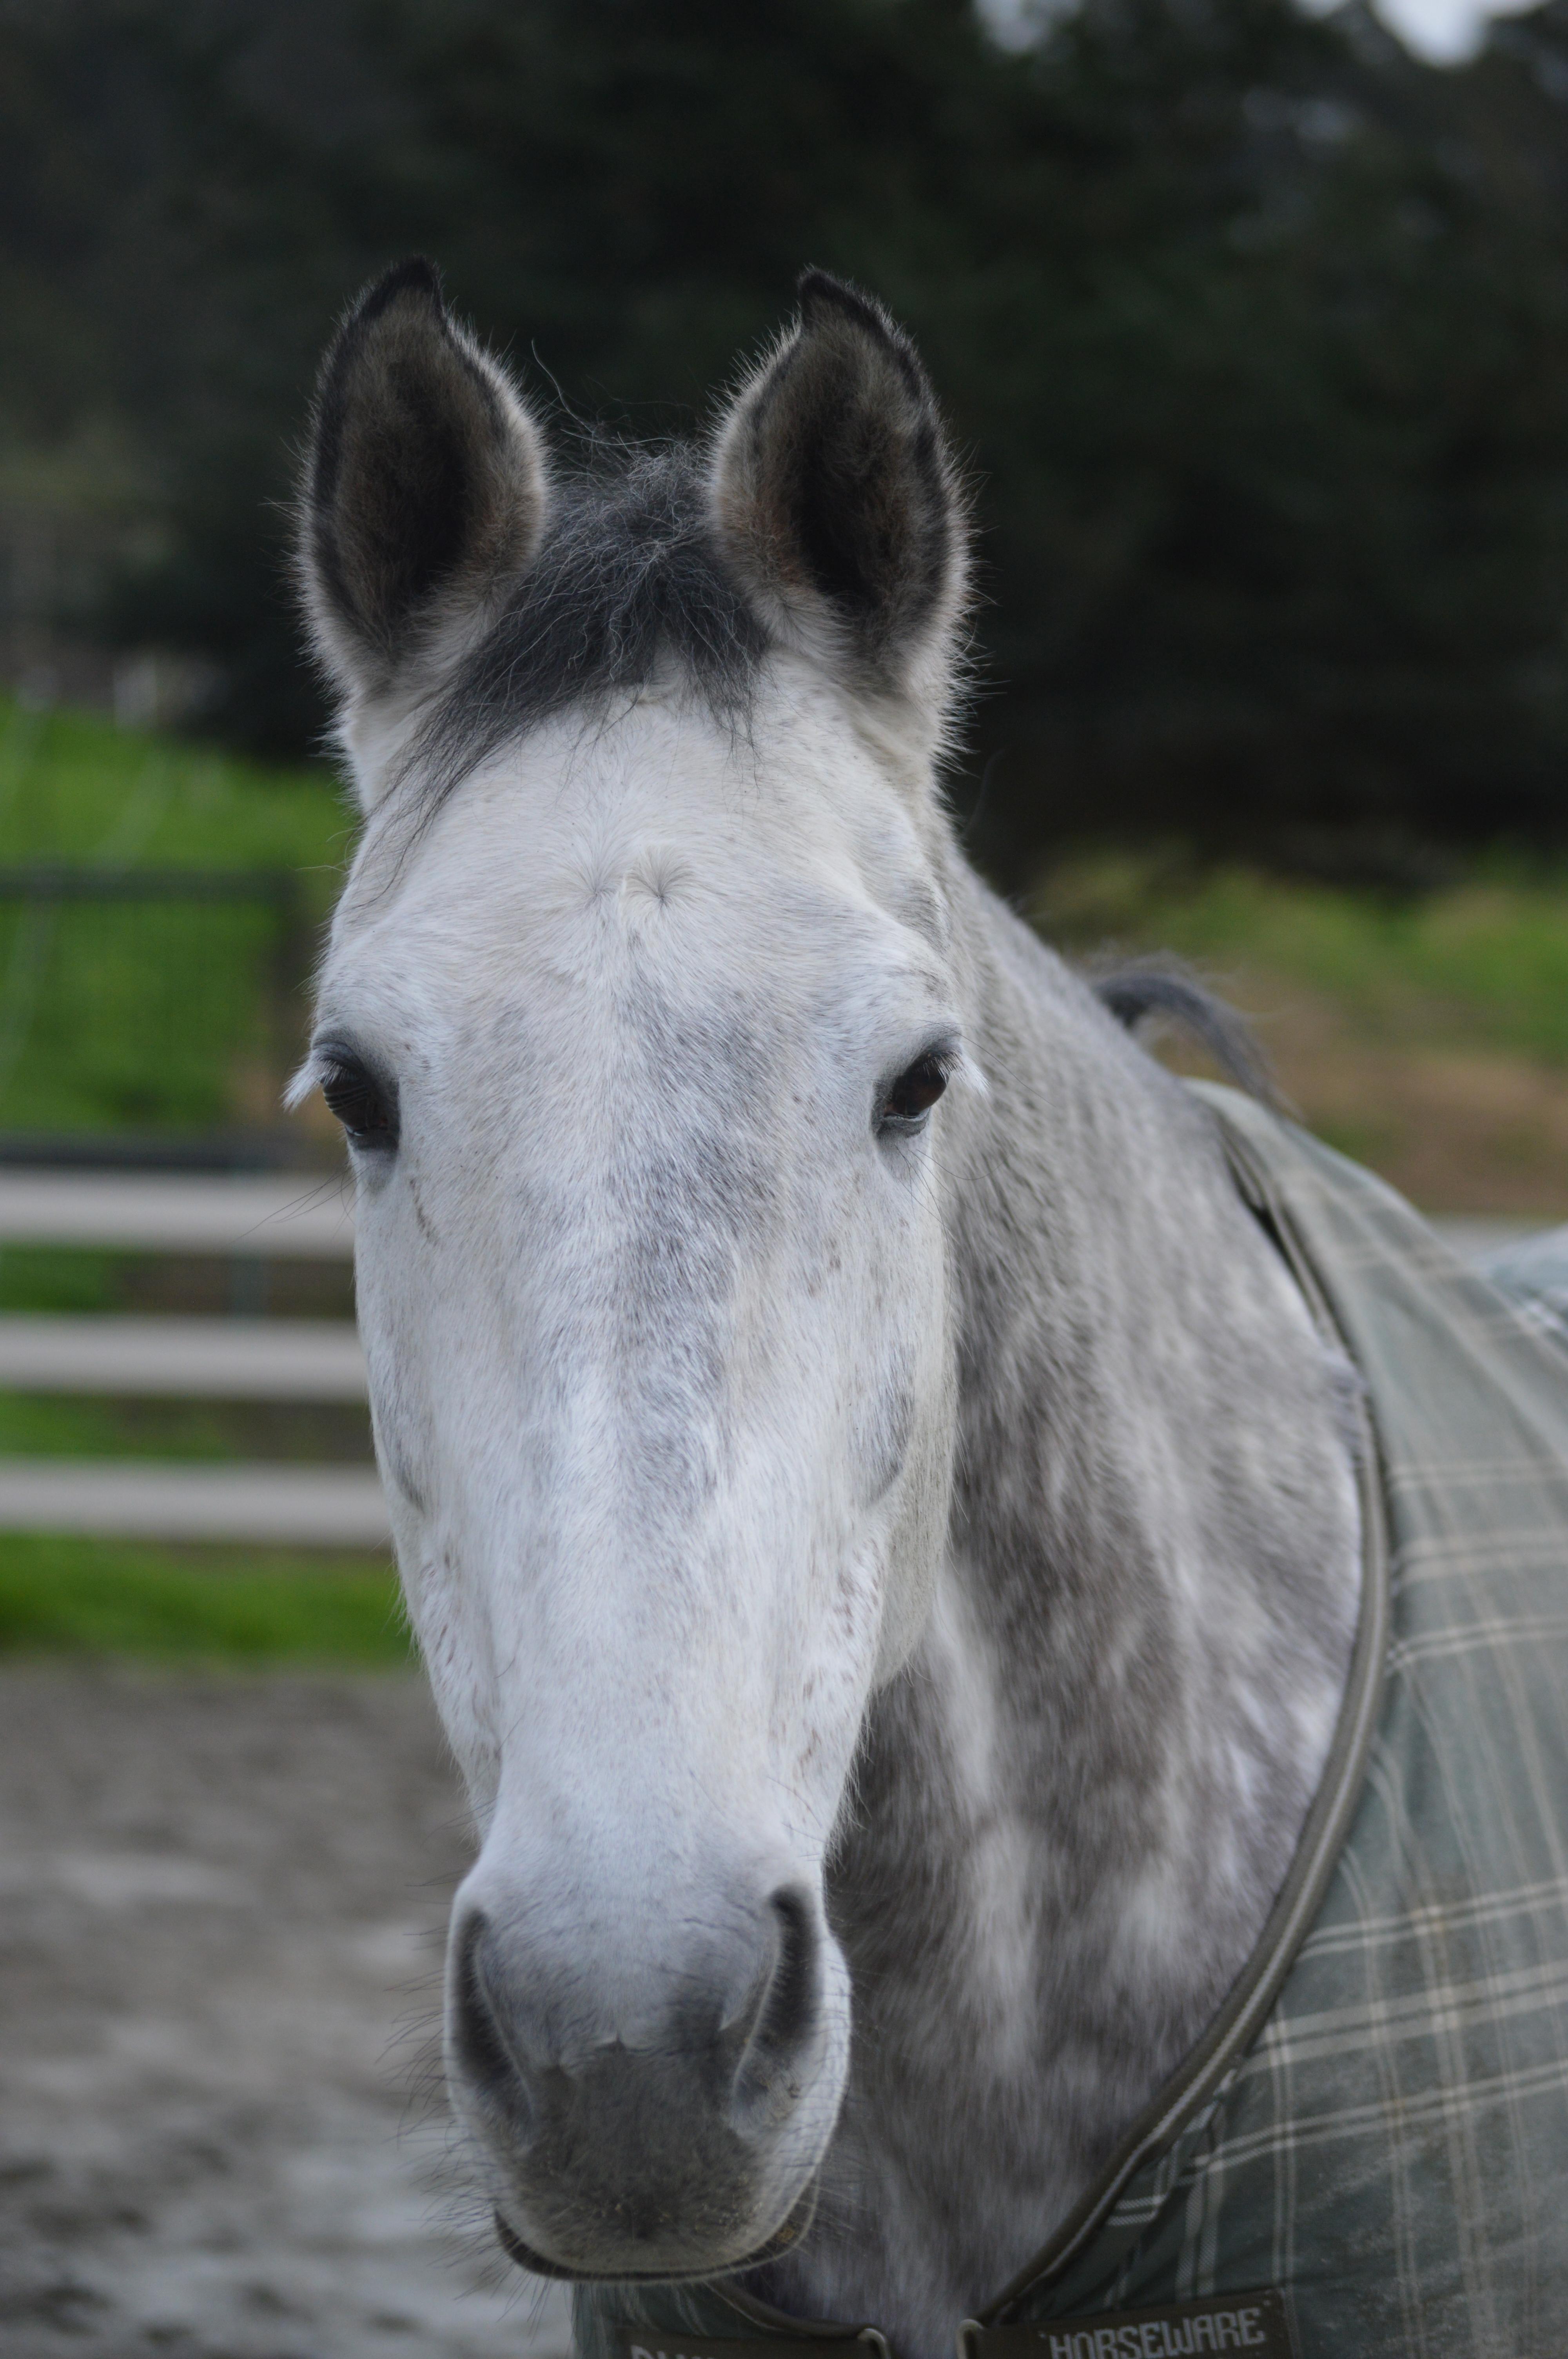 fluffy horses - photo #26